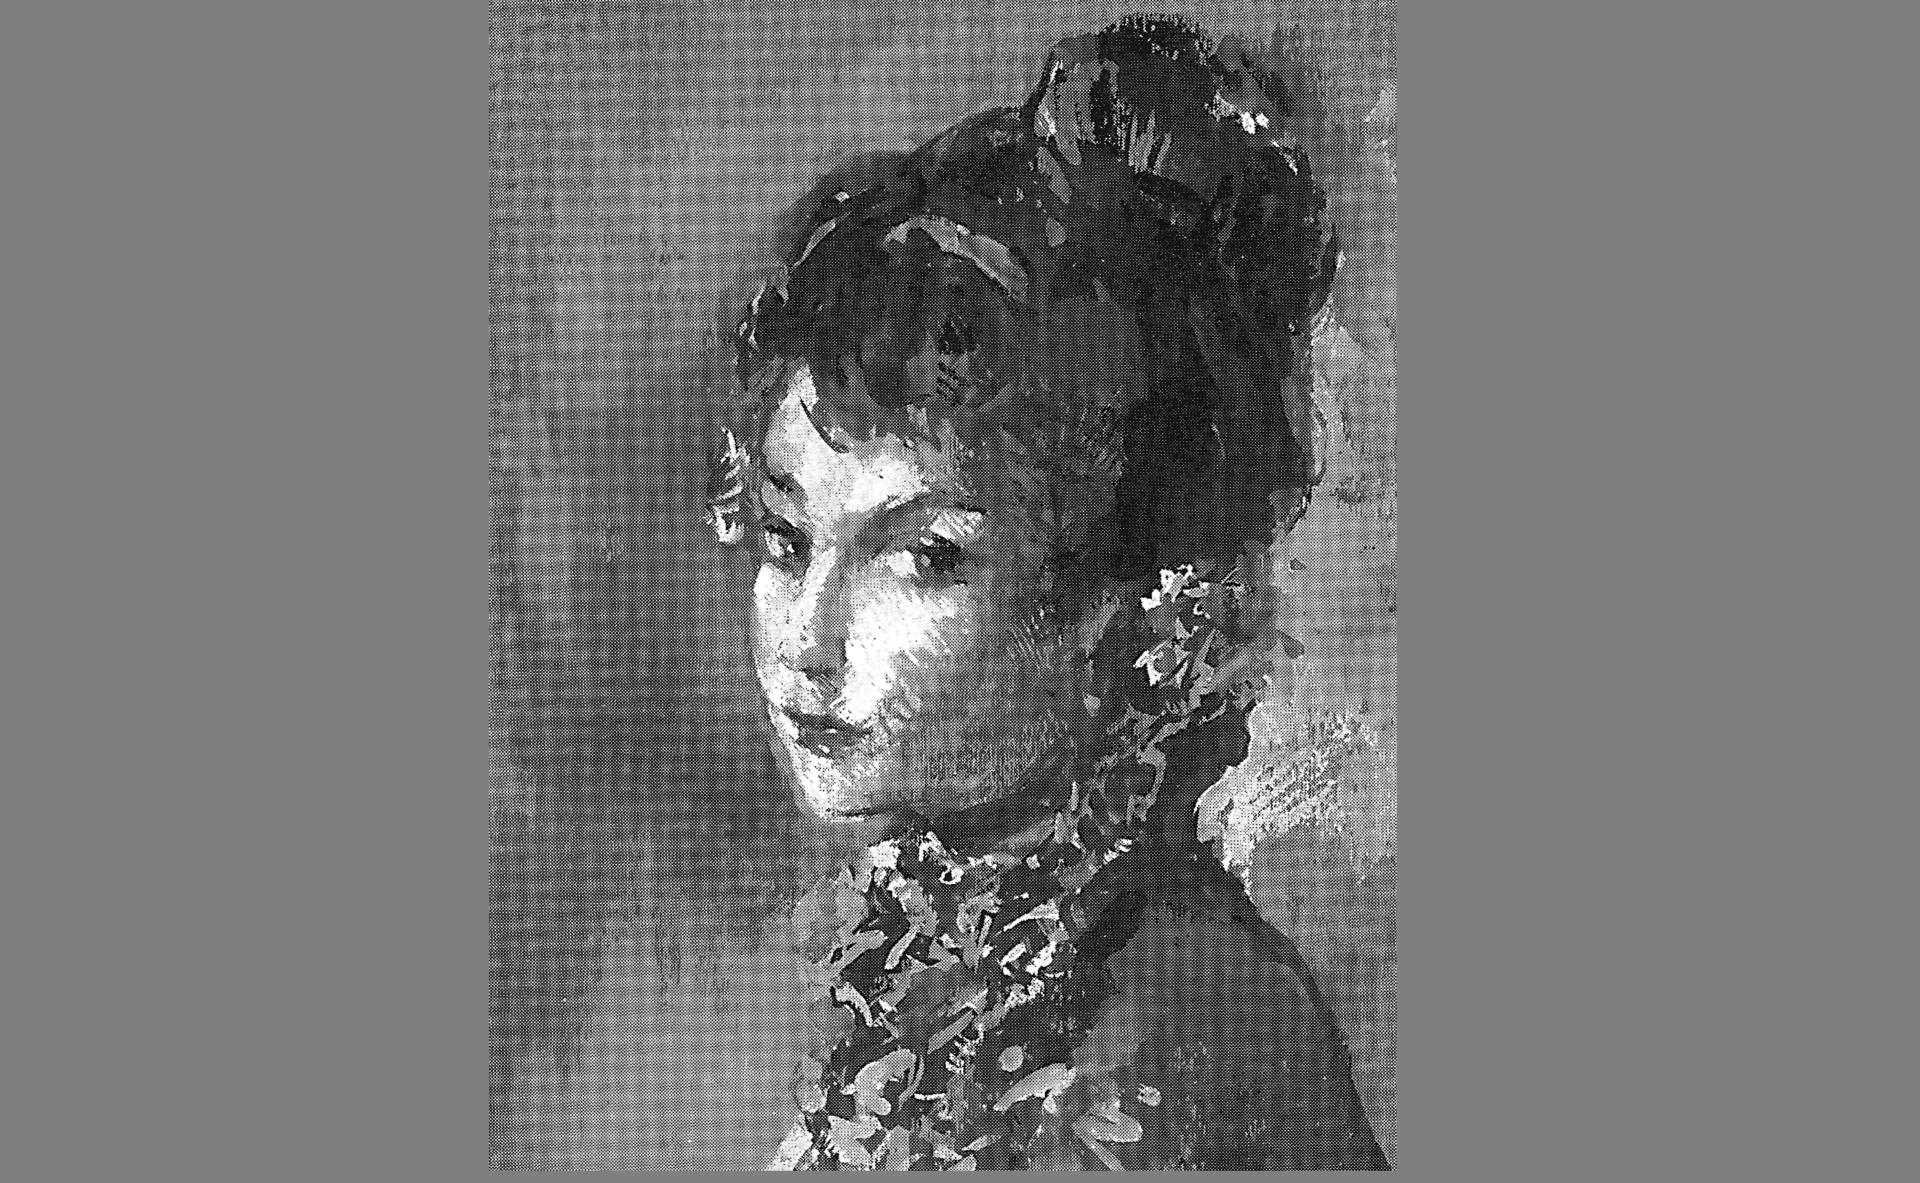 María del Milagro Jordá y Puigmoltó (1823-1887)